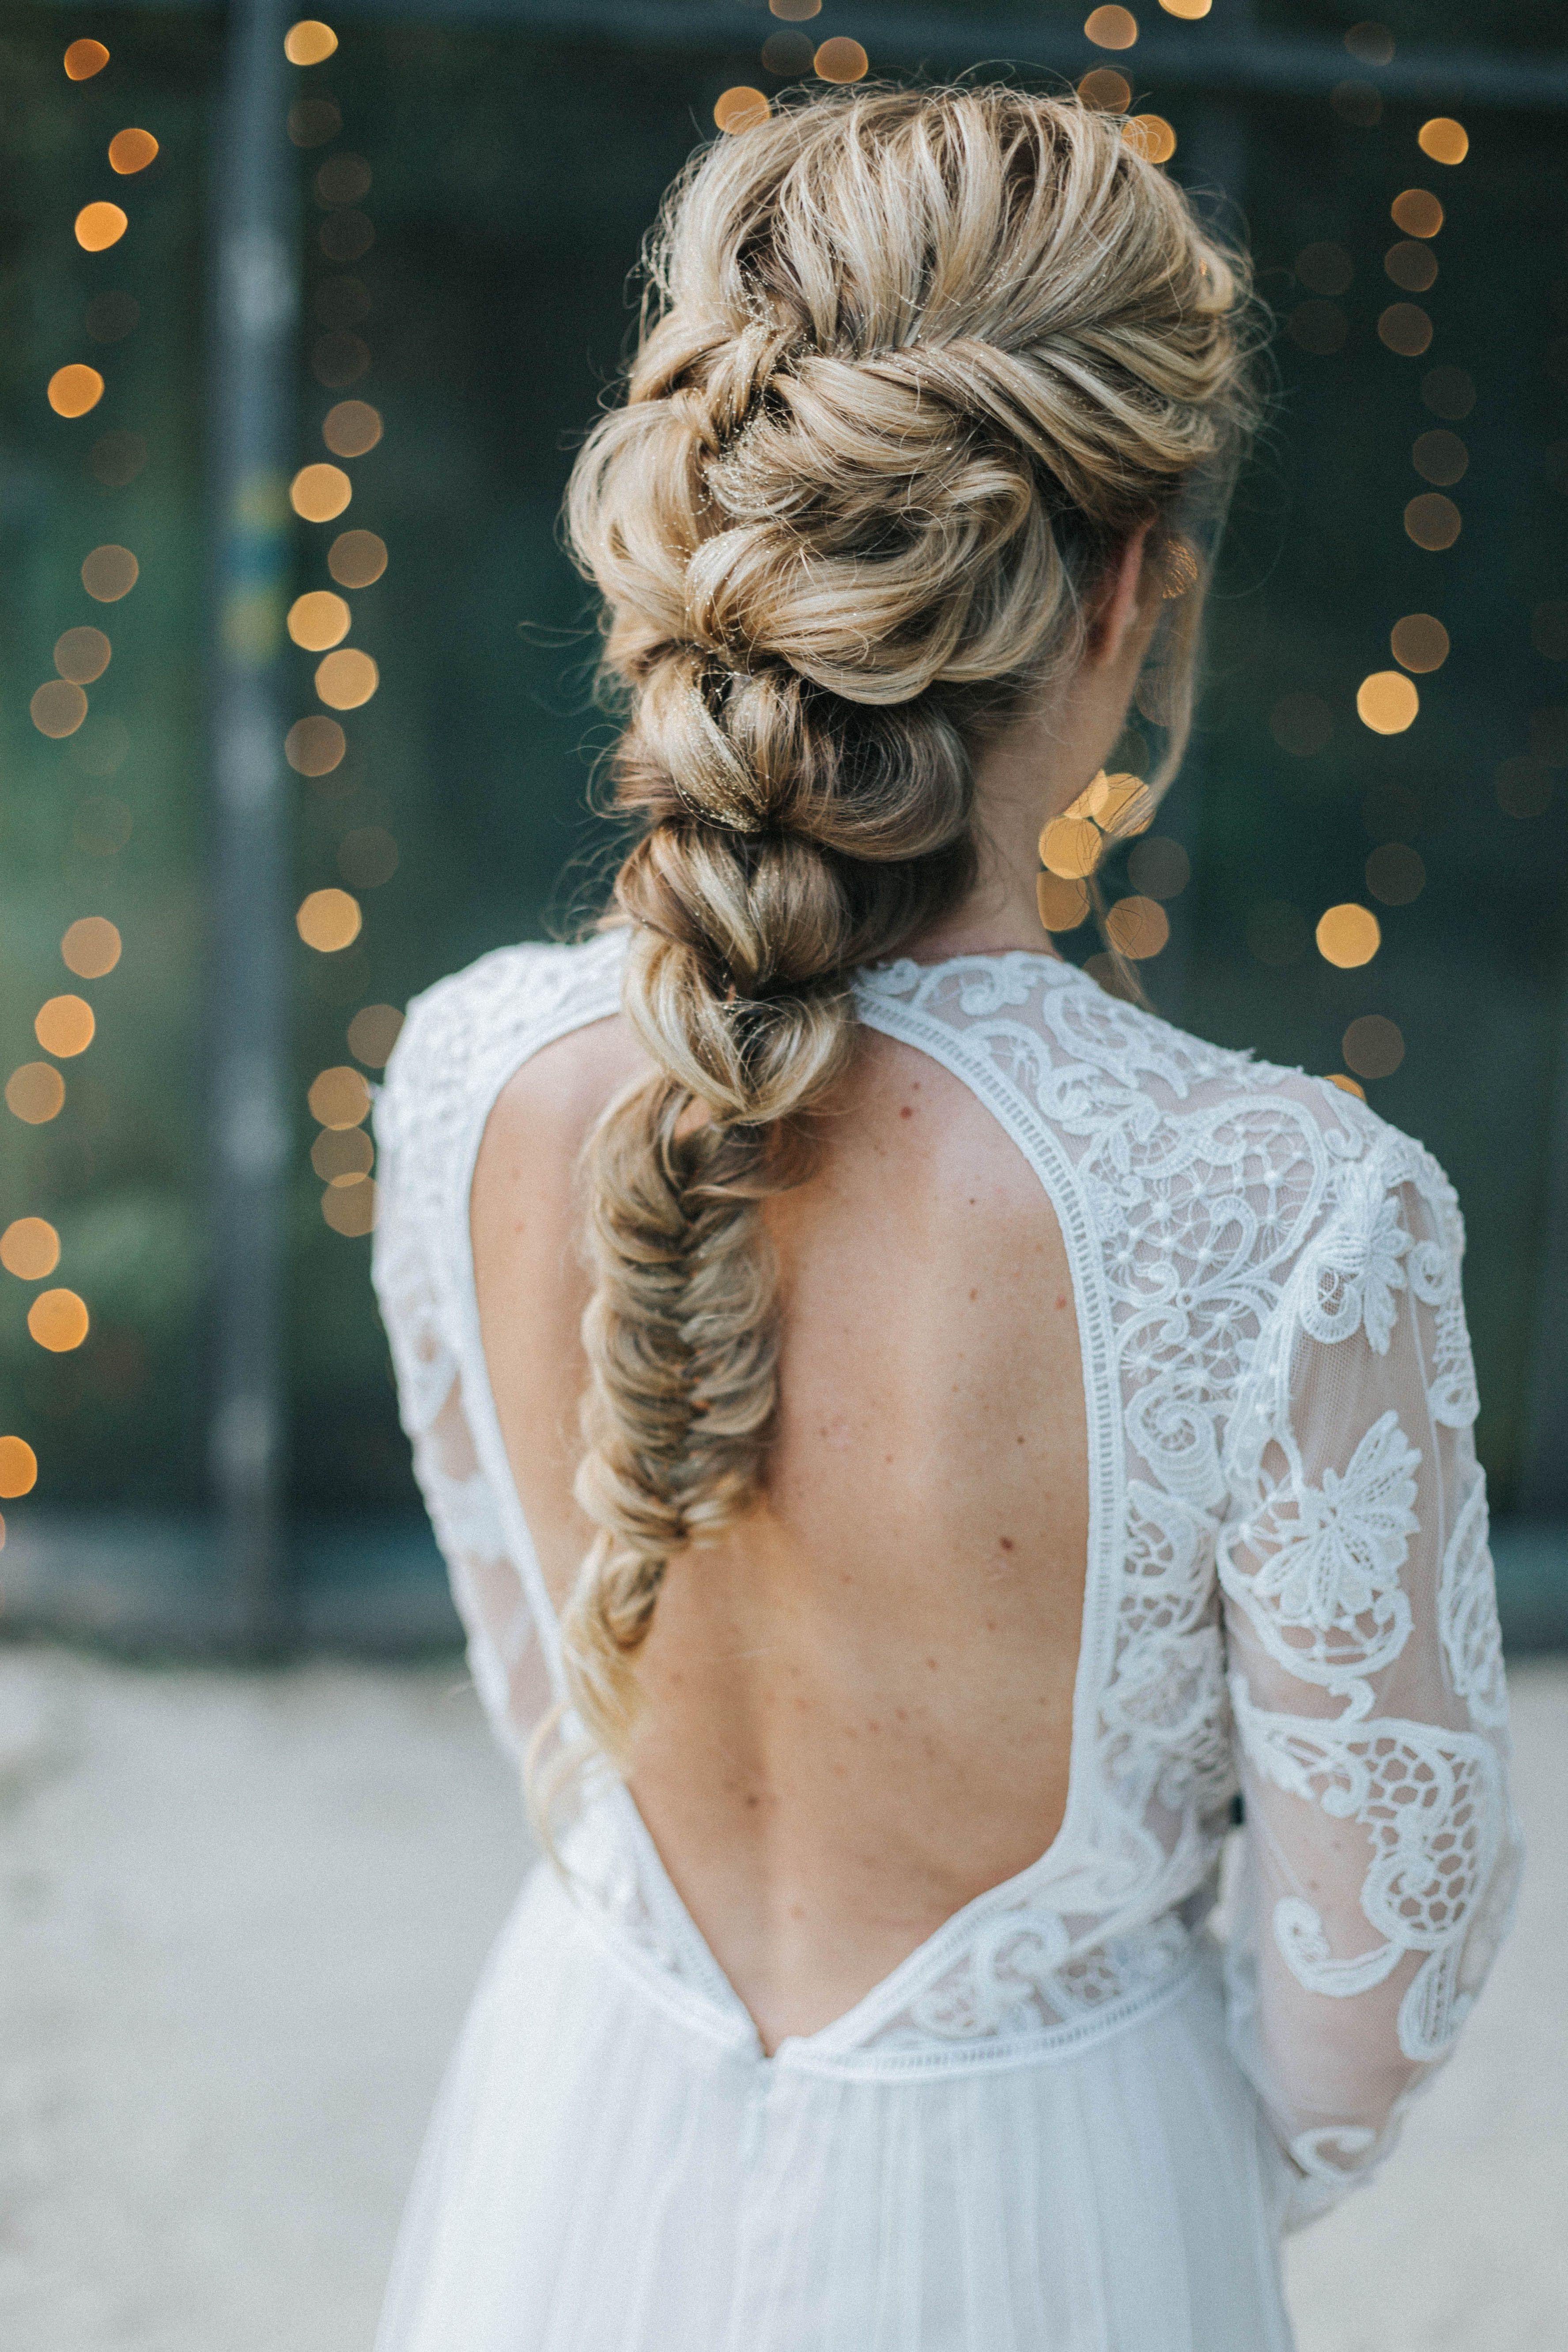 Frisuren zopf kurze haare